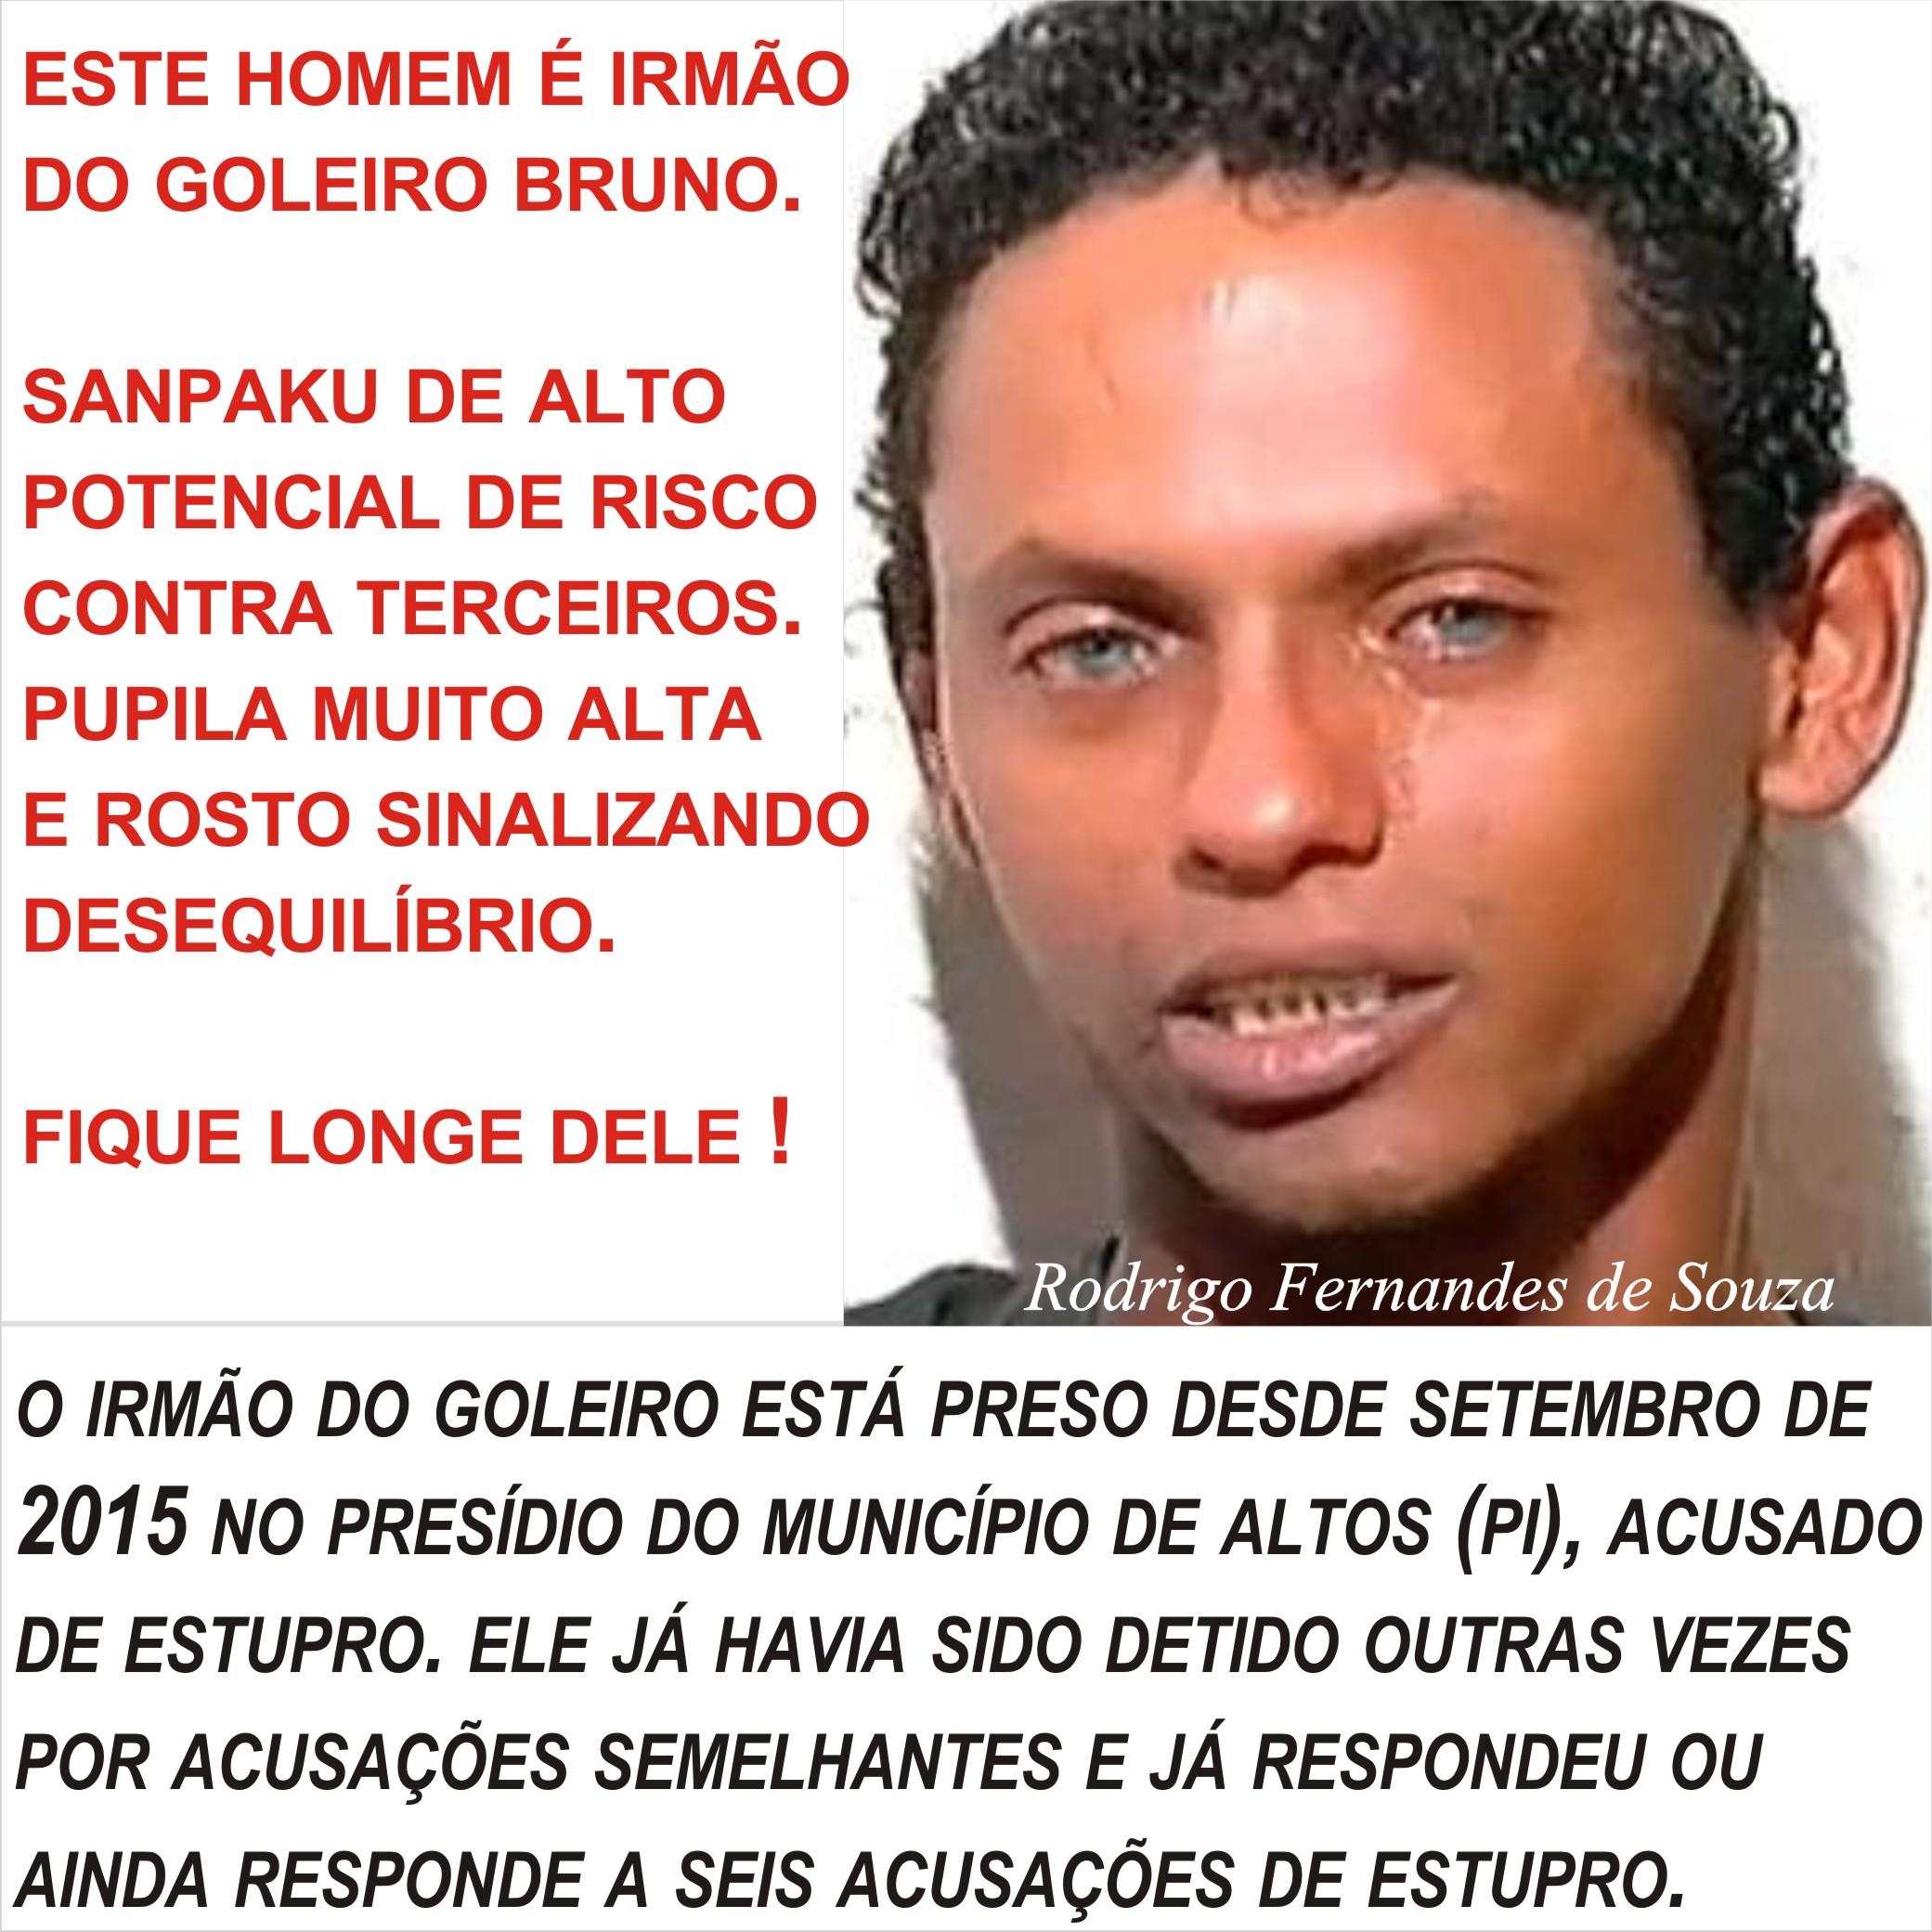 POST_421_IRMÃO_GOLEIRO_BRUNO